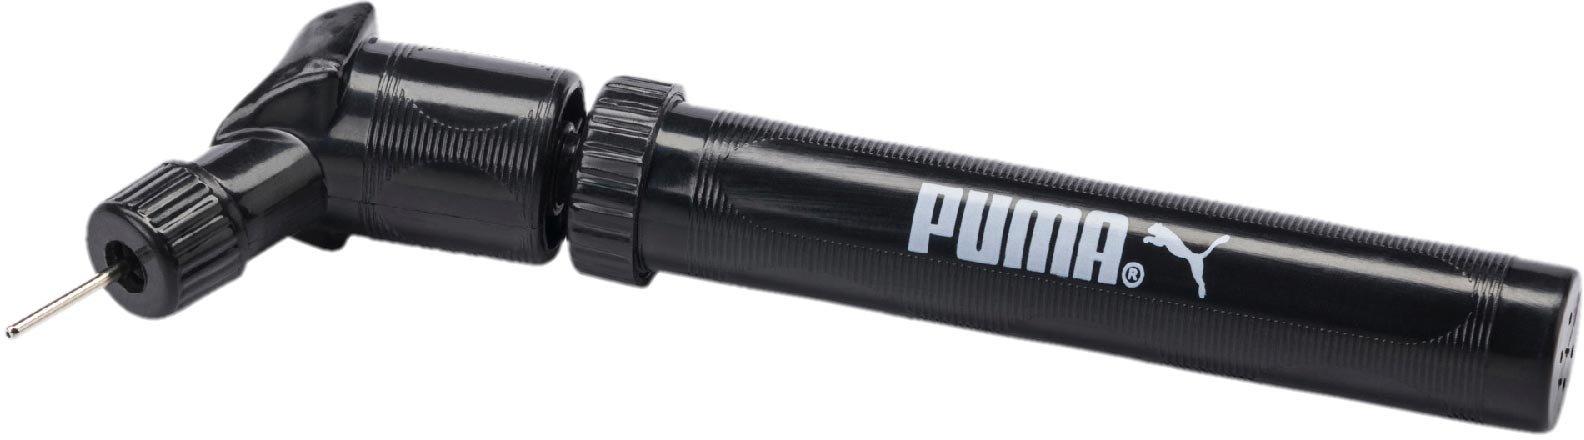 Puma Double Action Pump